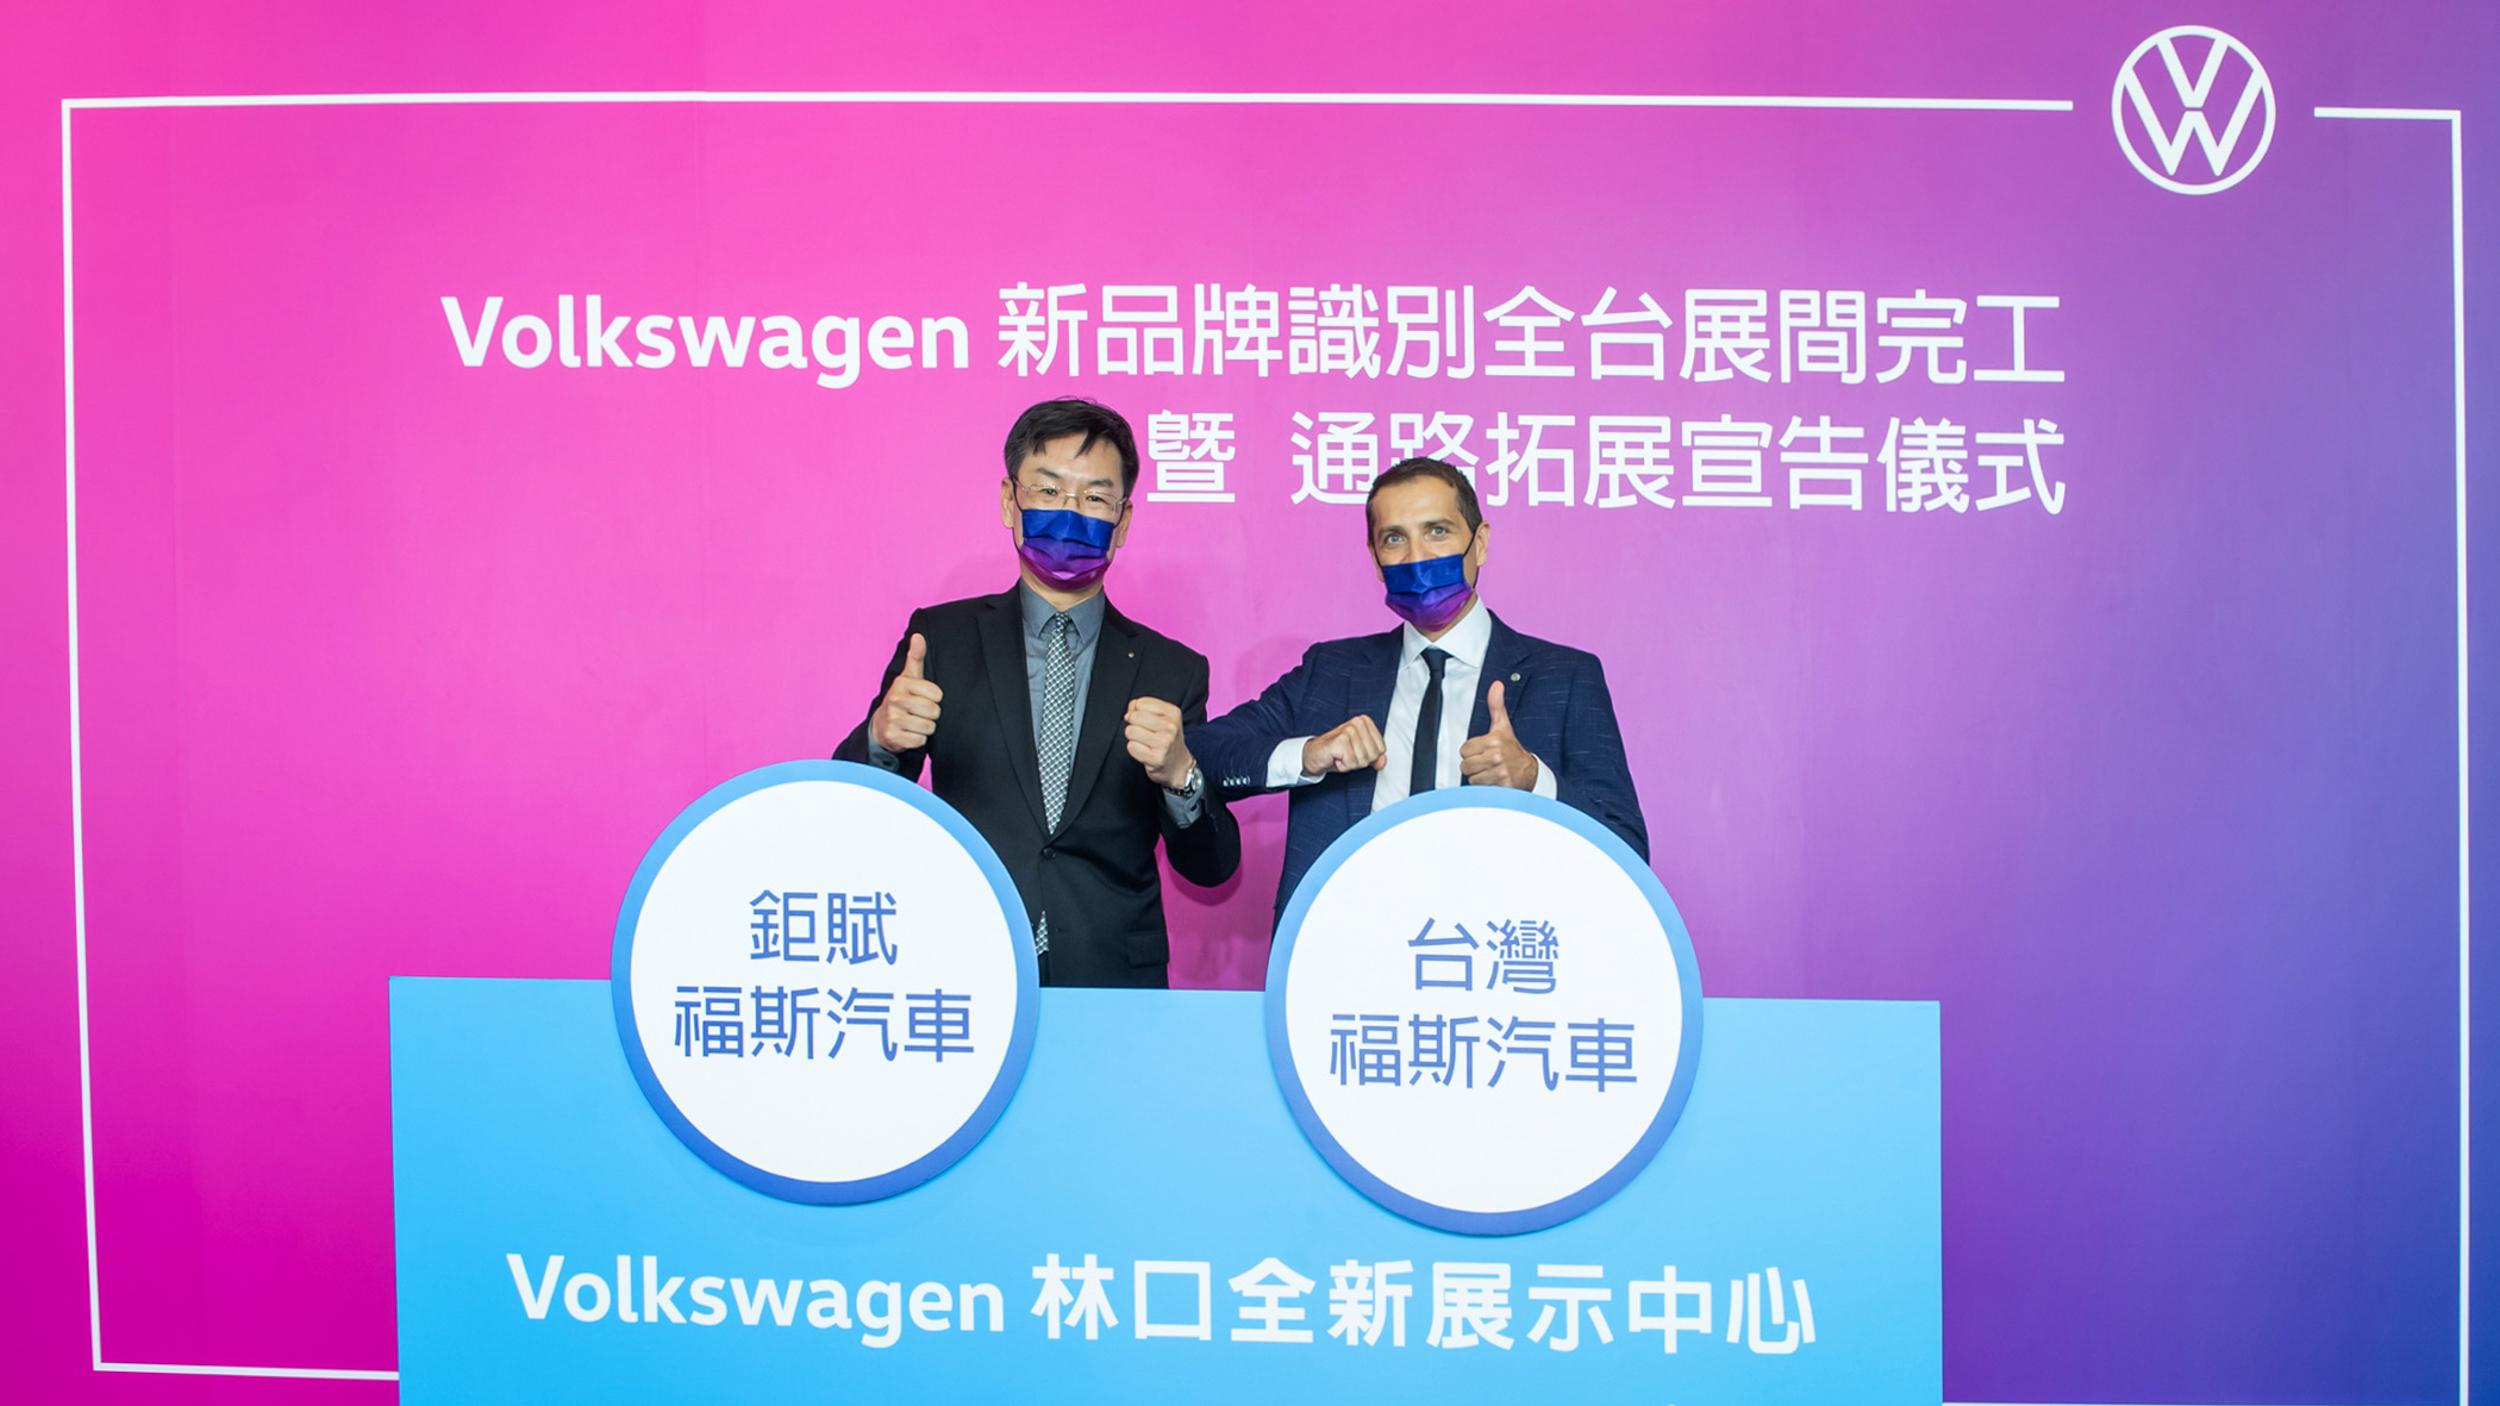 Volkswagen 新品牌識別全台啟用 林口展示中心本月揭幕